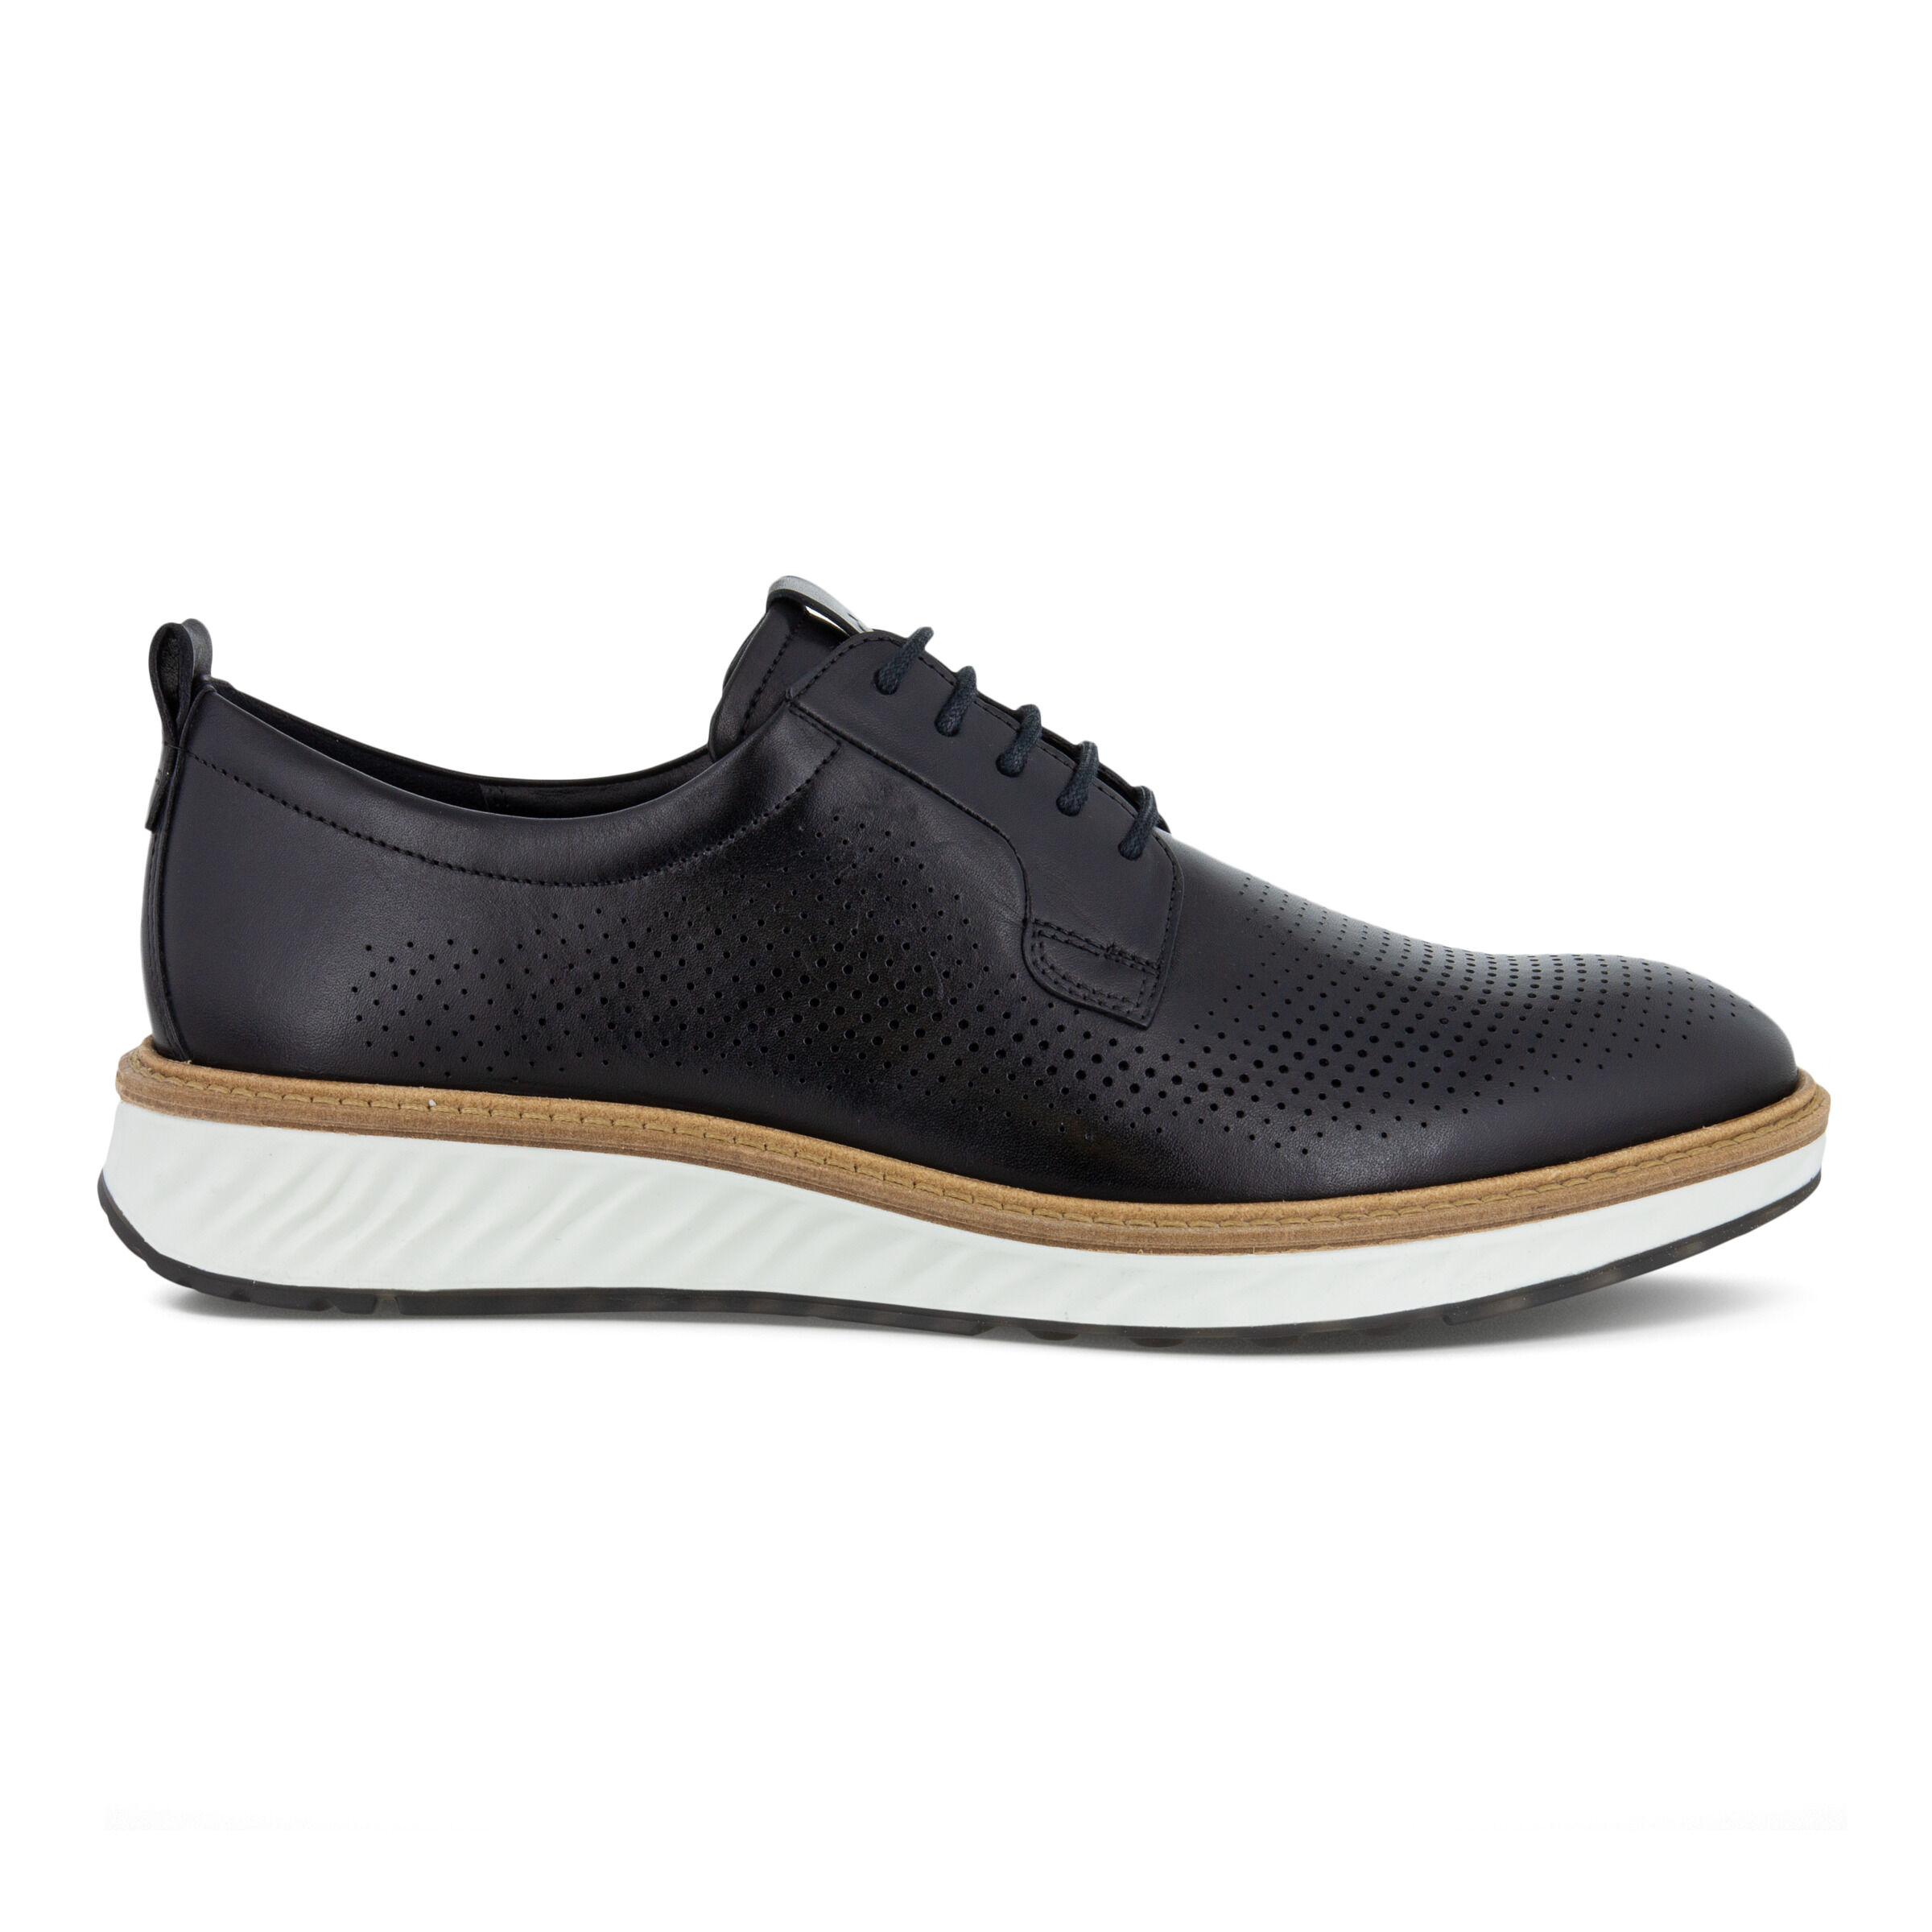 에코 ECCO ST.1 Hybrid Mens 5-Eyelet Derby Shoe,BLACK